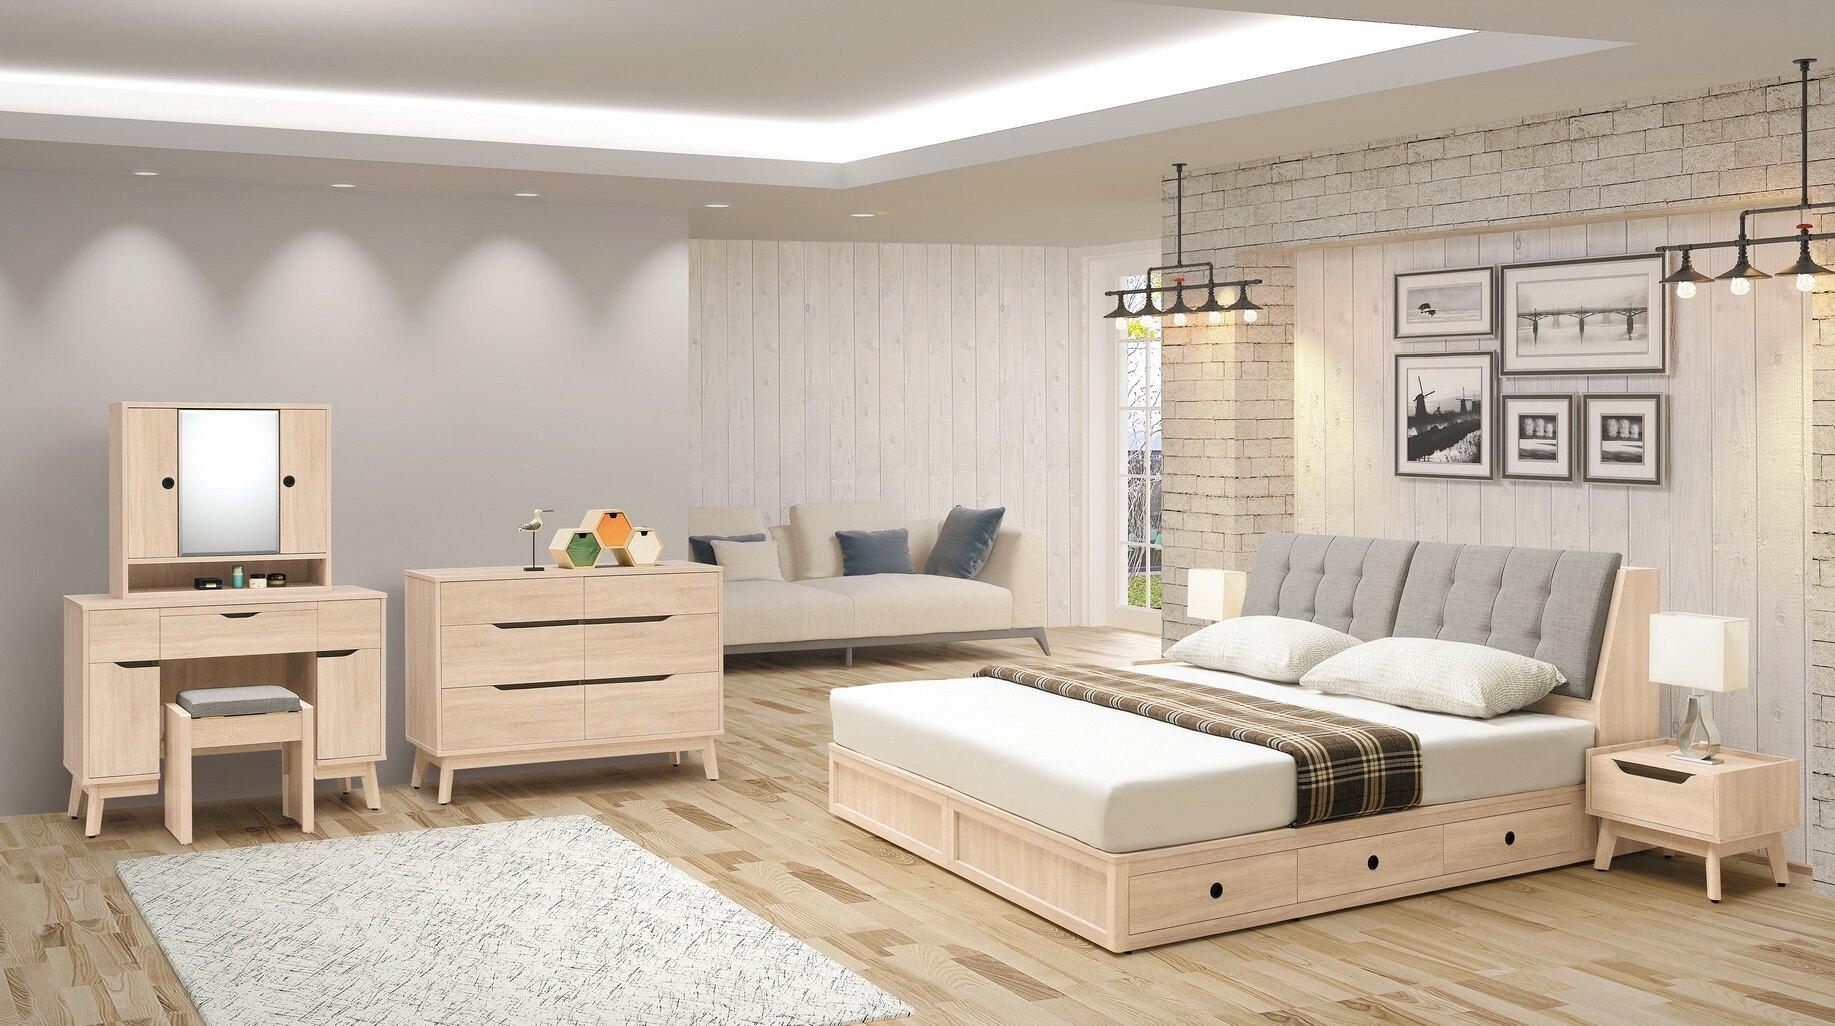 亞倫傢俱*澳斯陸立體木紋5尺床頭箱